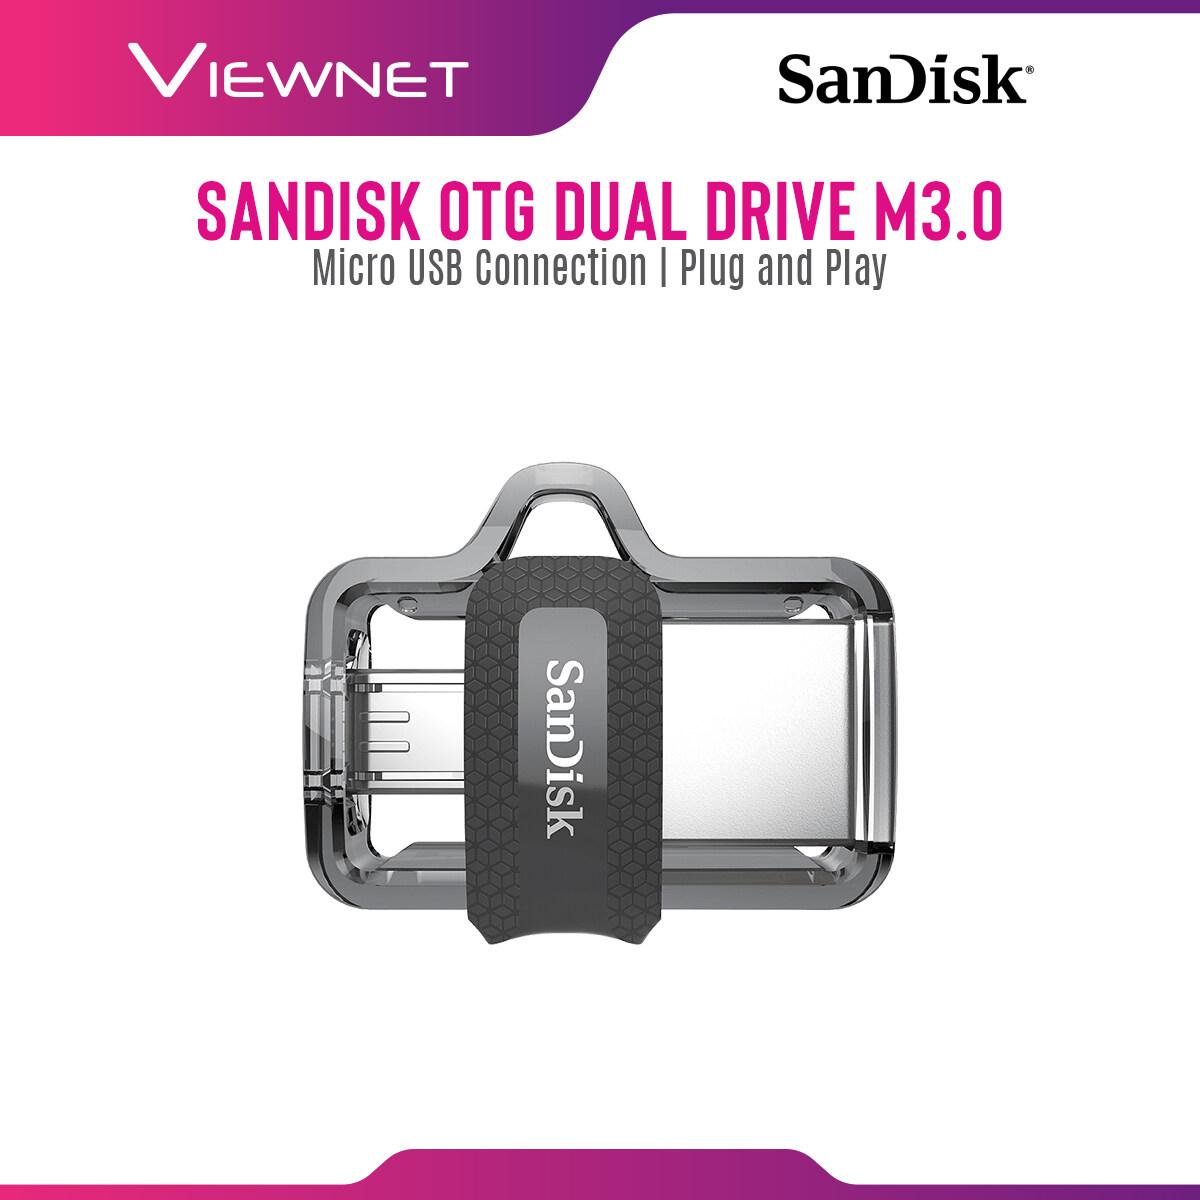 SanDisk Ultra Dual Drive M3.0 OTG USB 3.0 and Micro-USB Flash Drive (up to 150 MB/s) - 256GB / 128GB / 64GB / 32GB / 16GB